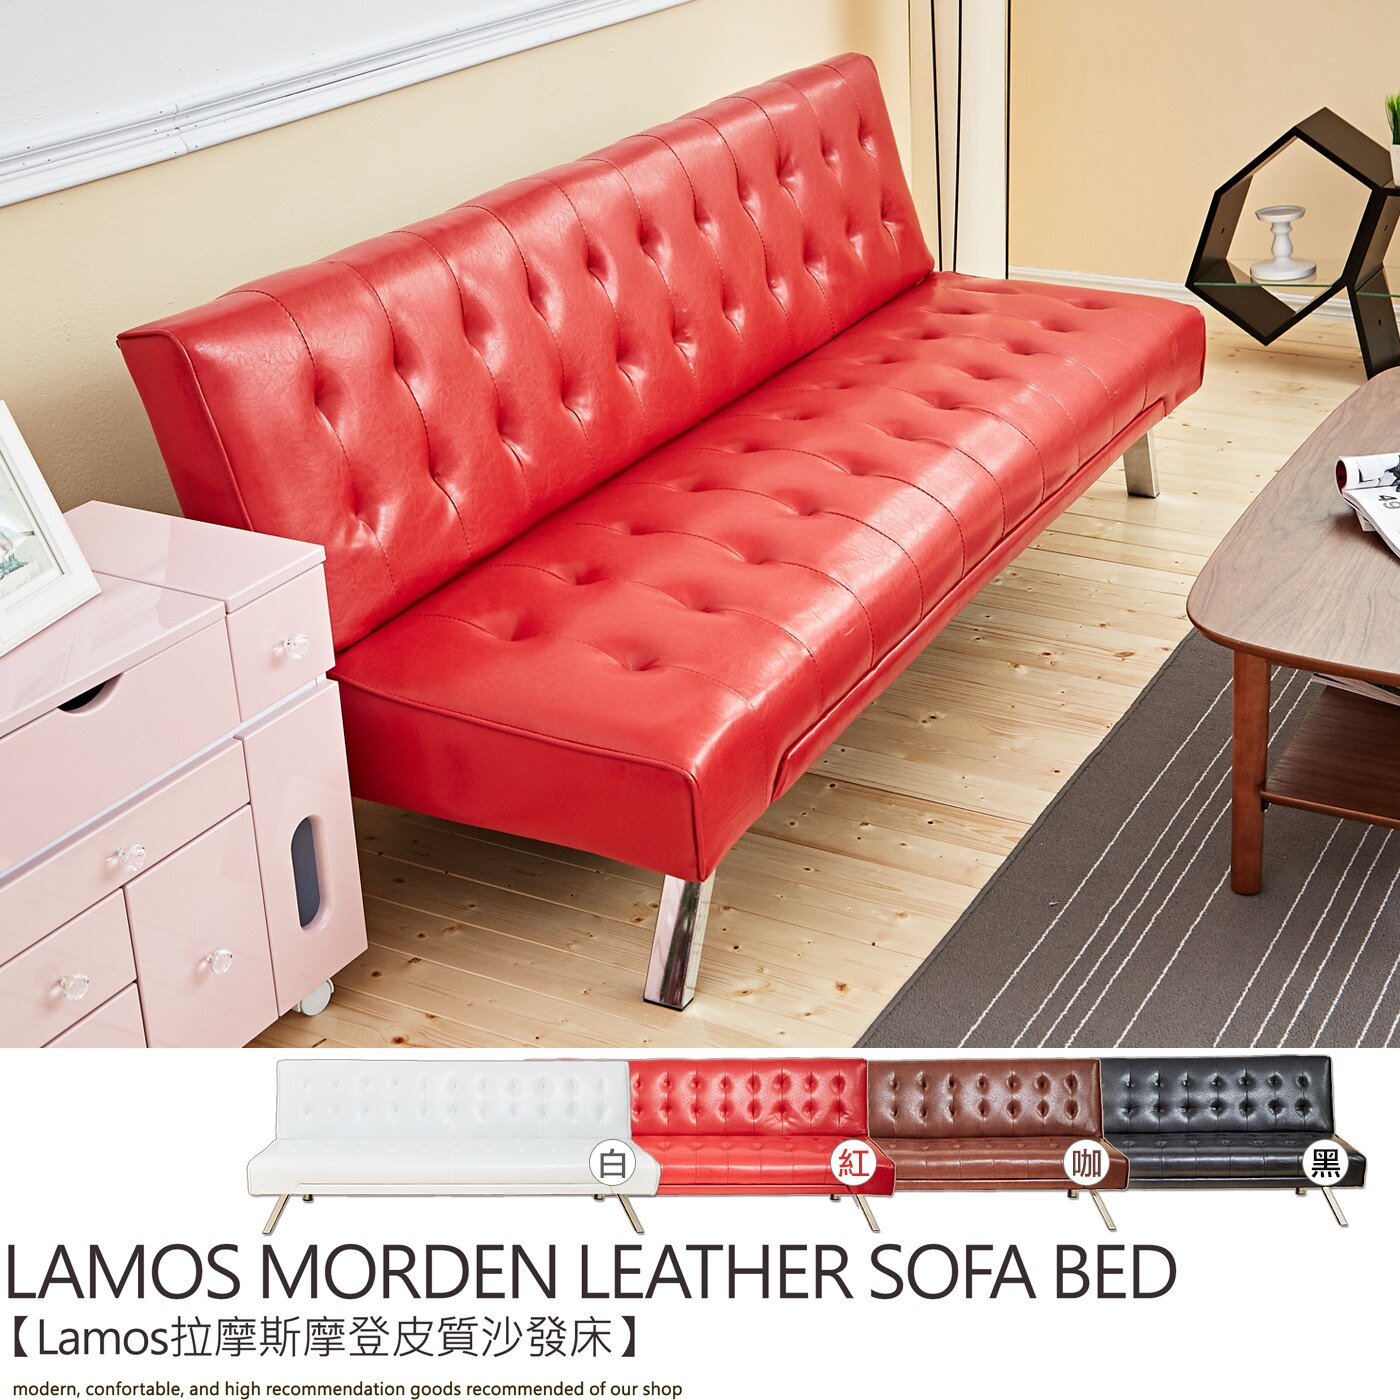 Lamos拉摩斯紐約時尚皮革沙發床★班尼斯國際家具名床 2